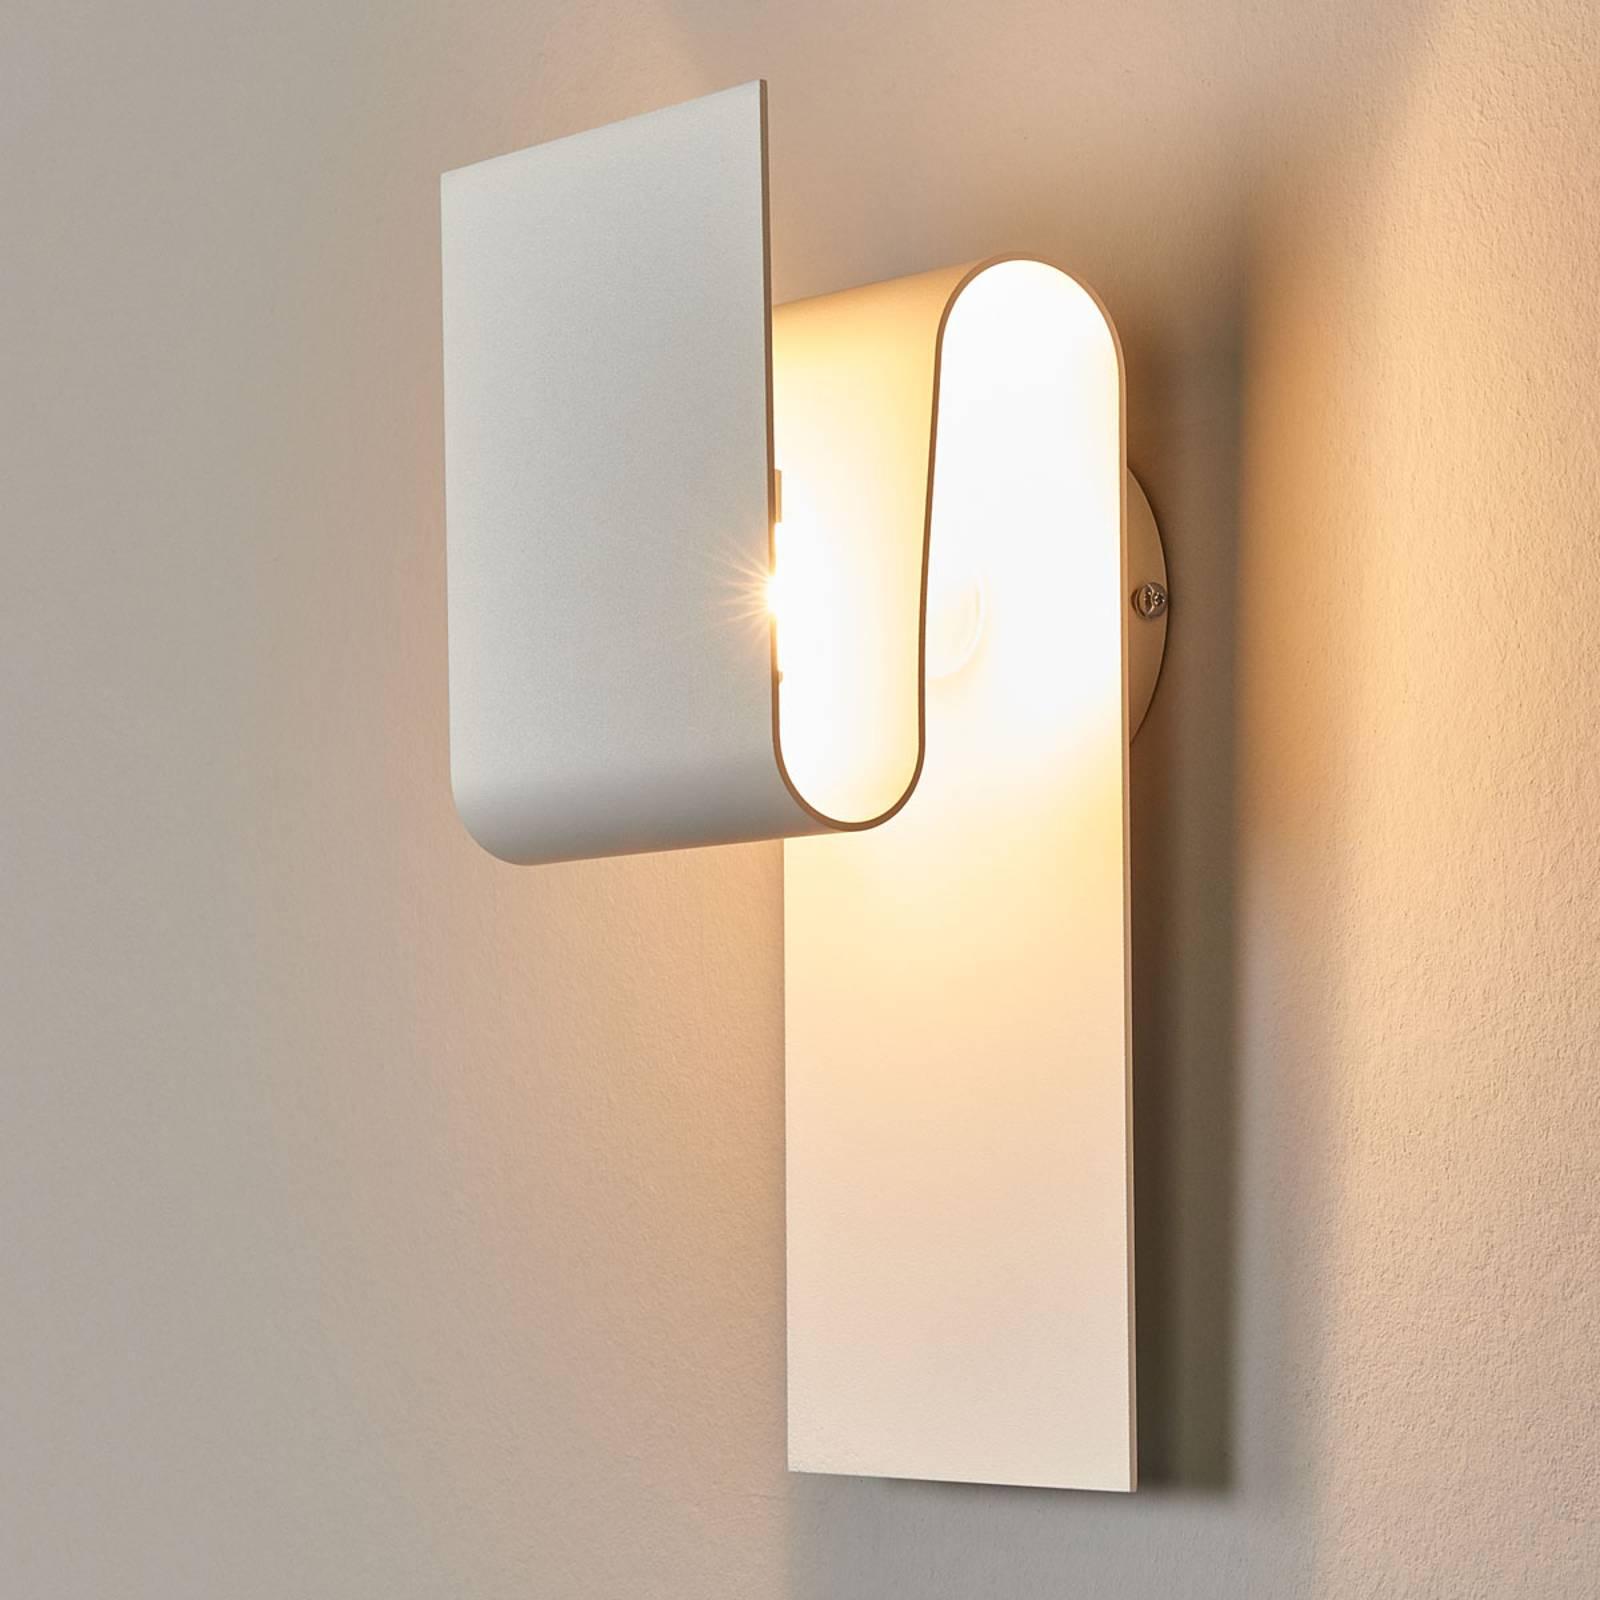 Inspirerende LED-wandlamp Fold matwit